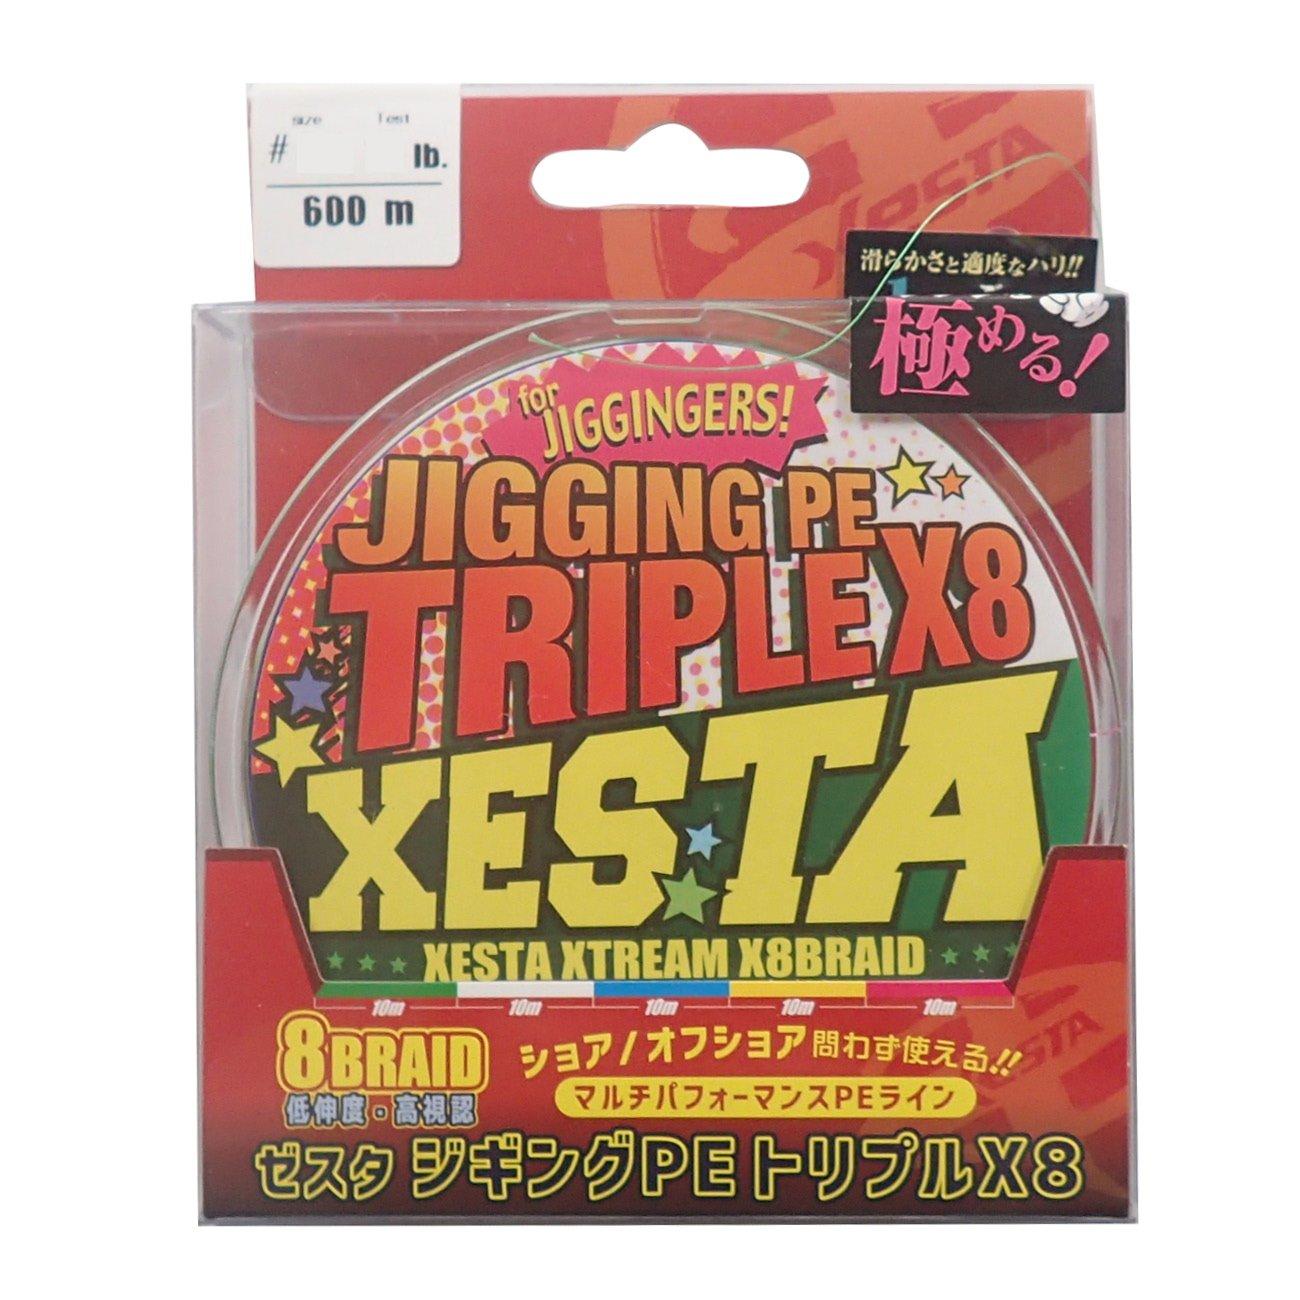 大人気の ゼスタ(XESTA) B01MXYYKJ0 PEライン ジギングPE ゼスタ(XESTA) ジギングPE トリプルX8 600m 2号 33lb(14.9kg) B01MXYYKJ0, レッドハンマー:538e173f --- a0267596.xsph.ru